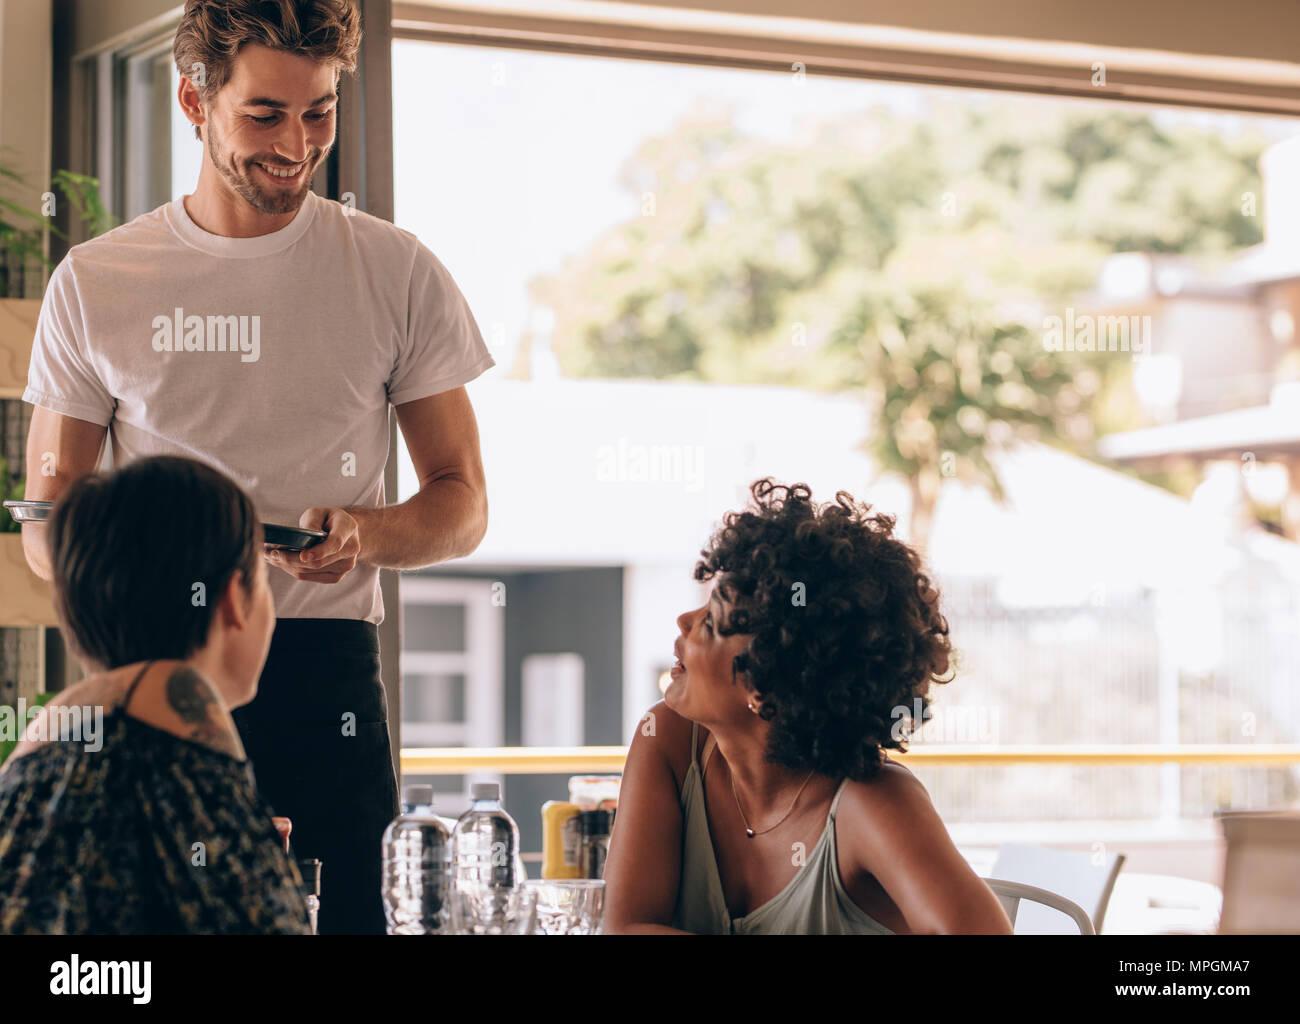 145cb1bc554877 Junge Frau mit einem Freund im Café zu bestellen Kellner. Zwei Frauen im  Cafe sitzen